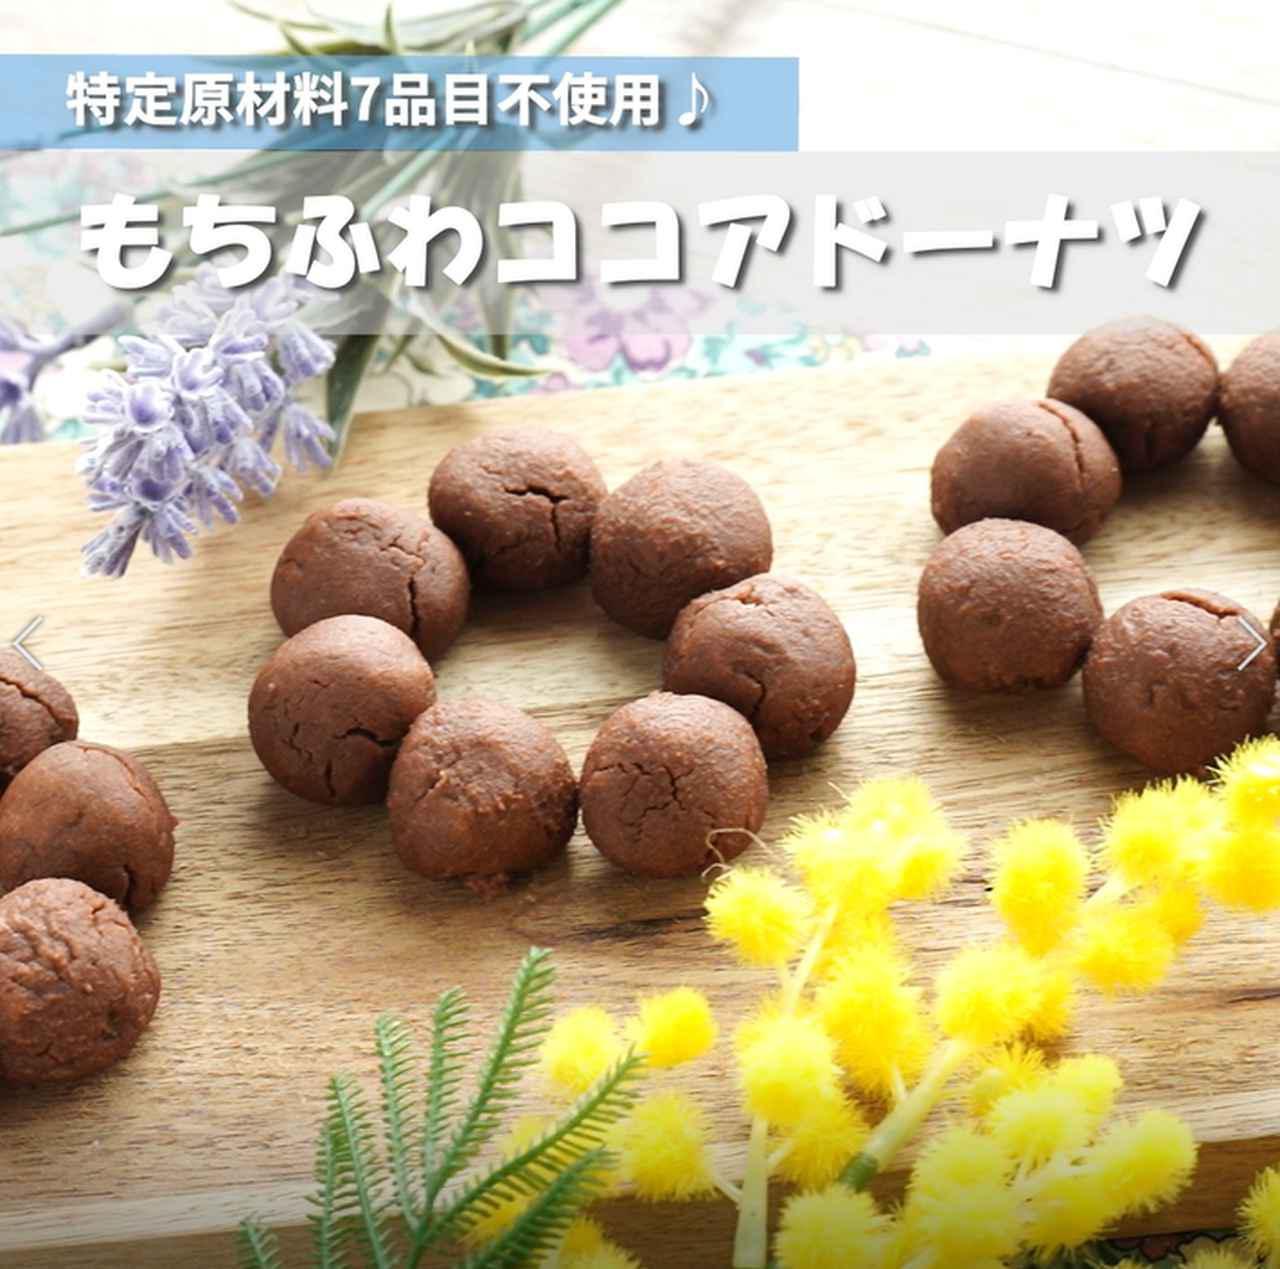 画像: もちふわココアドーナッツ - 君とごはん